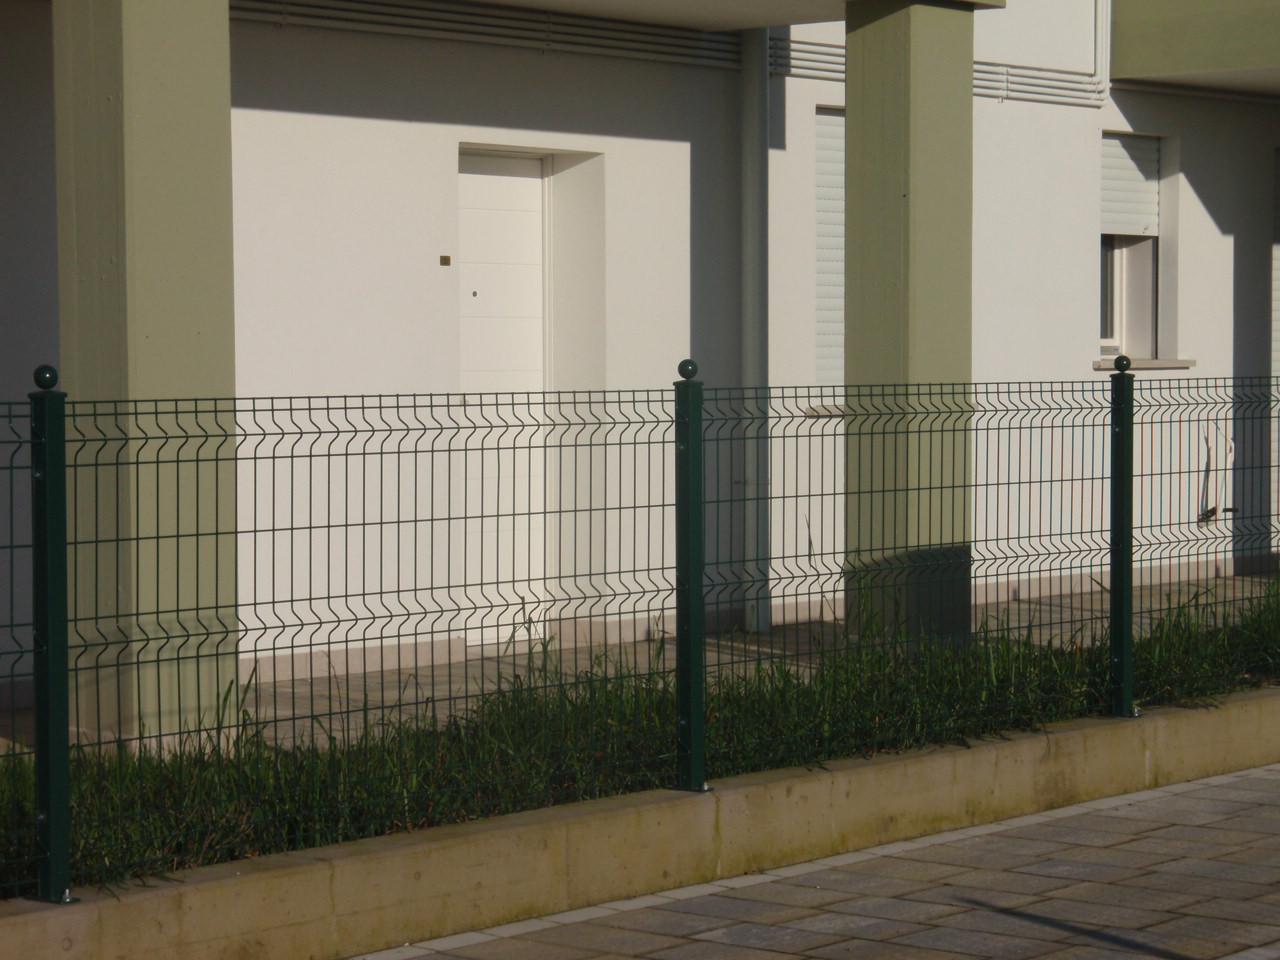 Appartamento in vendita a albignasego pd 2 bagni 2 - Ingresso garage ...